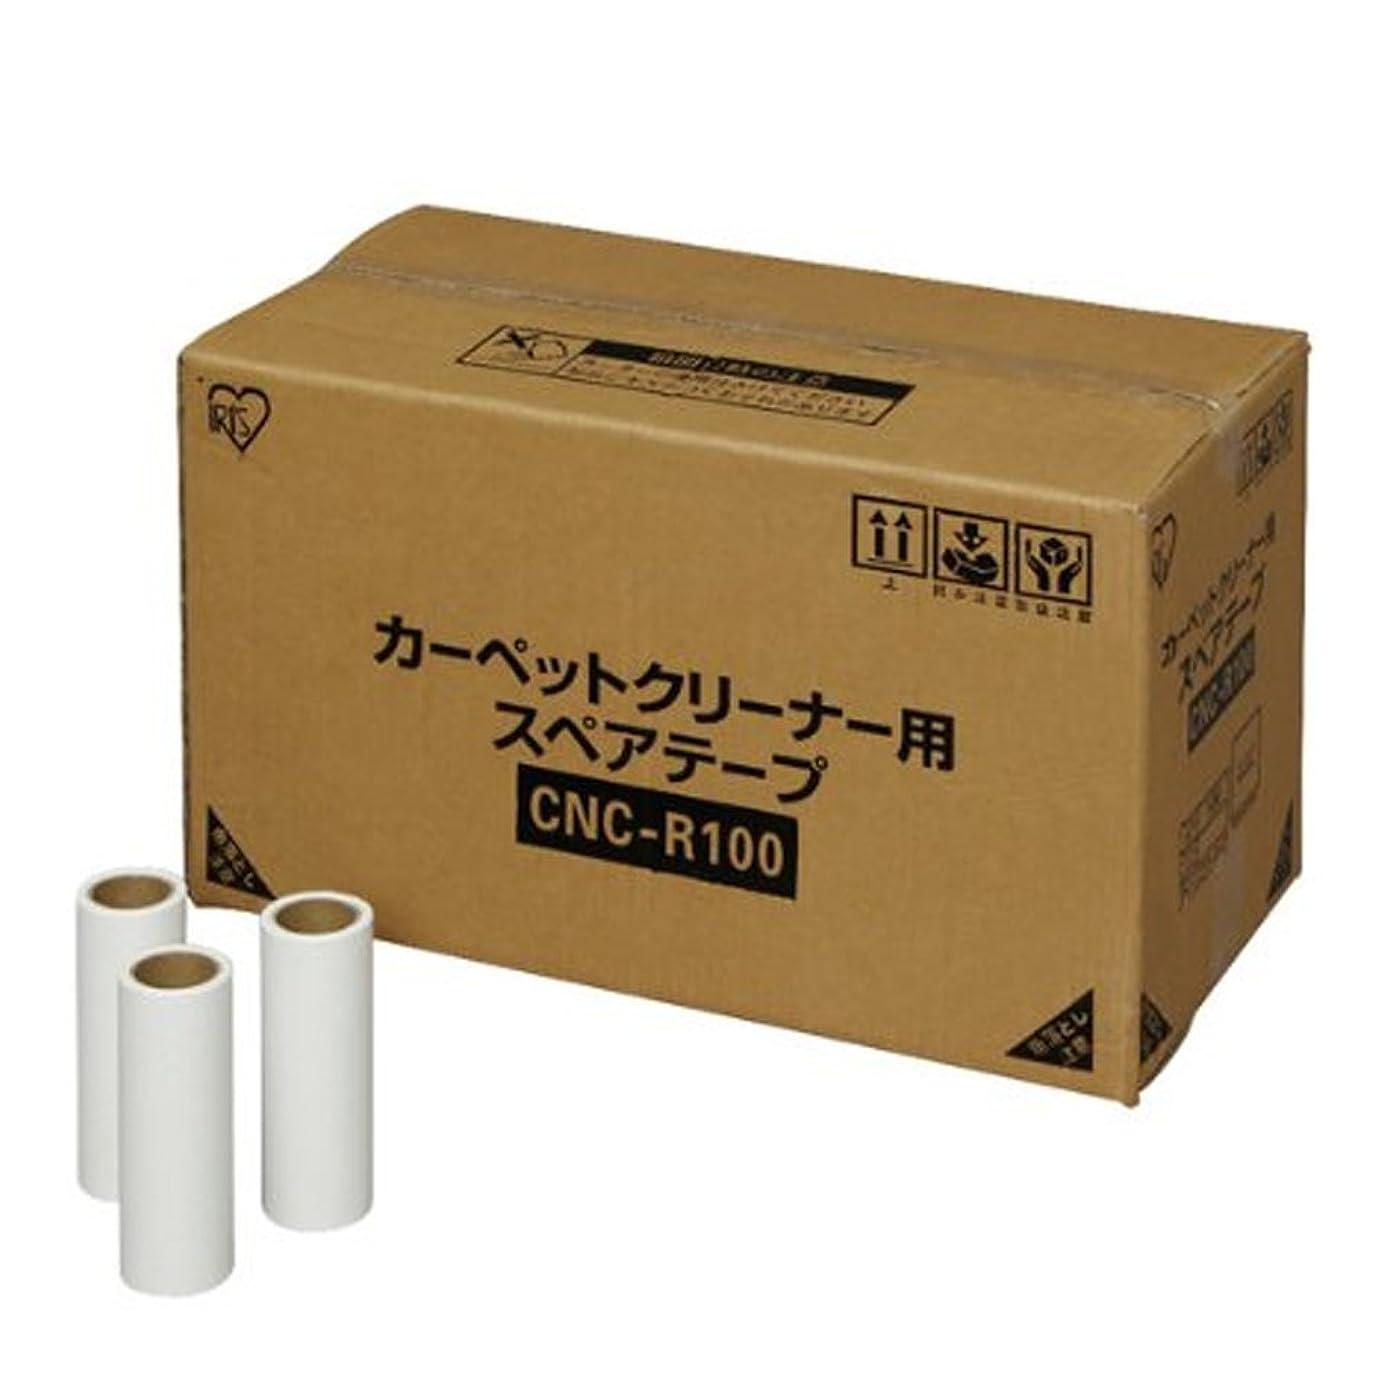 アプト指標十年アイリスオーヤマ カーペットクリーナー 粘着 スペアテープ ななめカット 100P 各社共通 CNC-R100